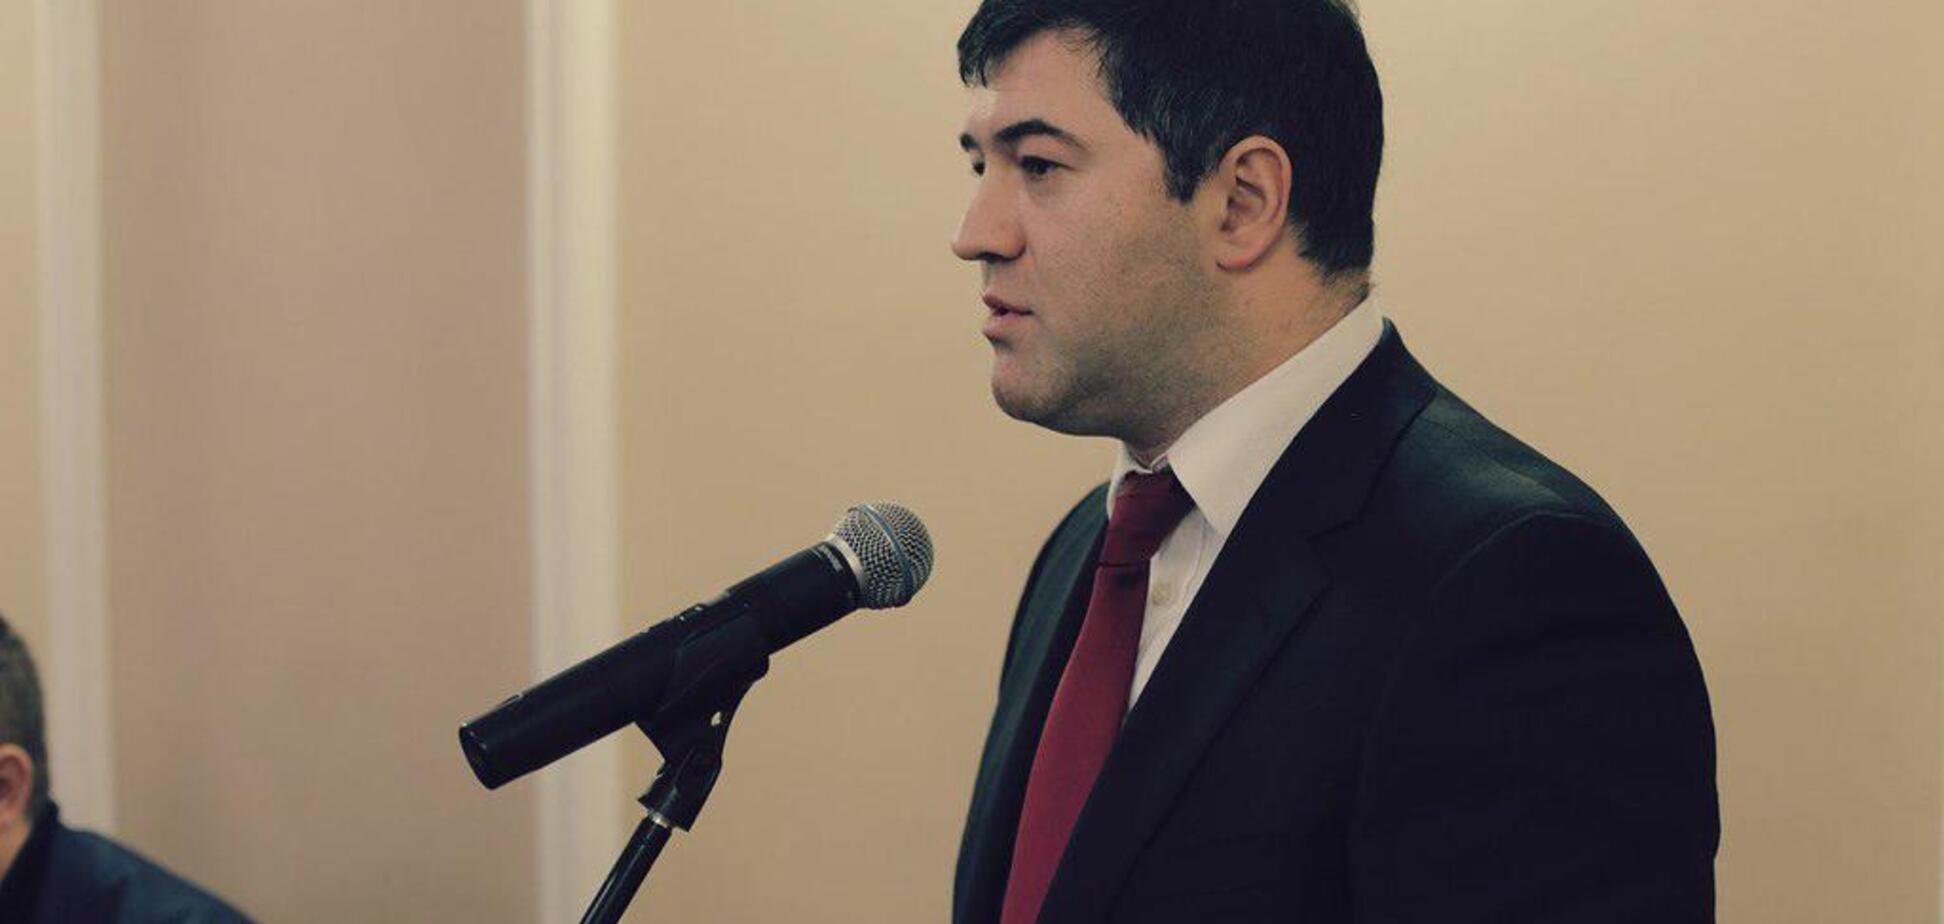 Государство должно ориентироваться на предпринимателей, которые фактически создают экономику — Насиров